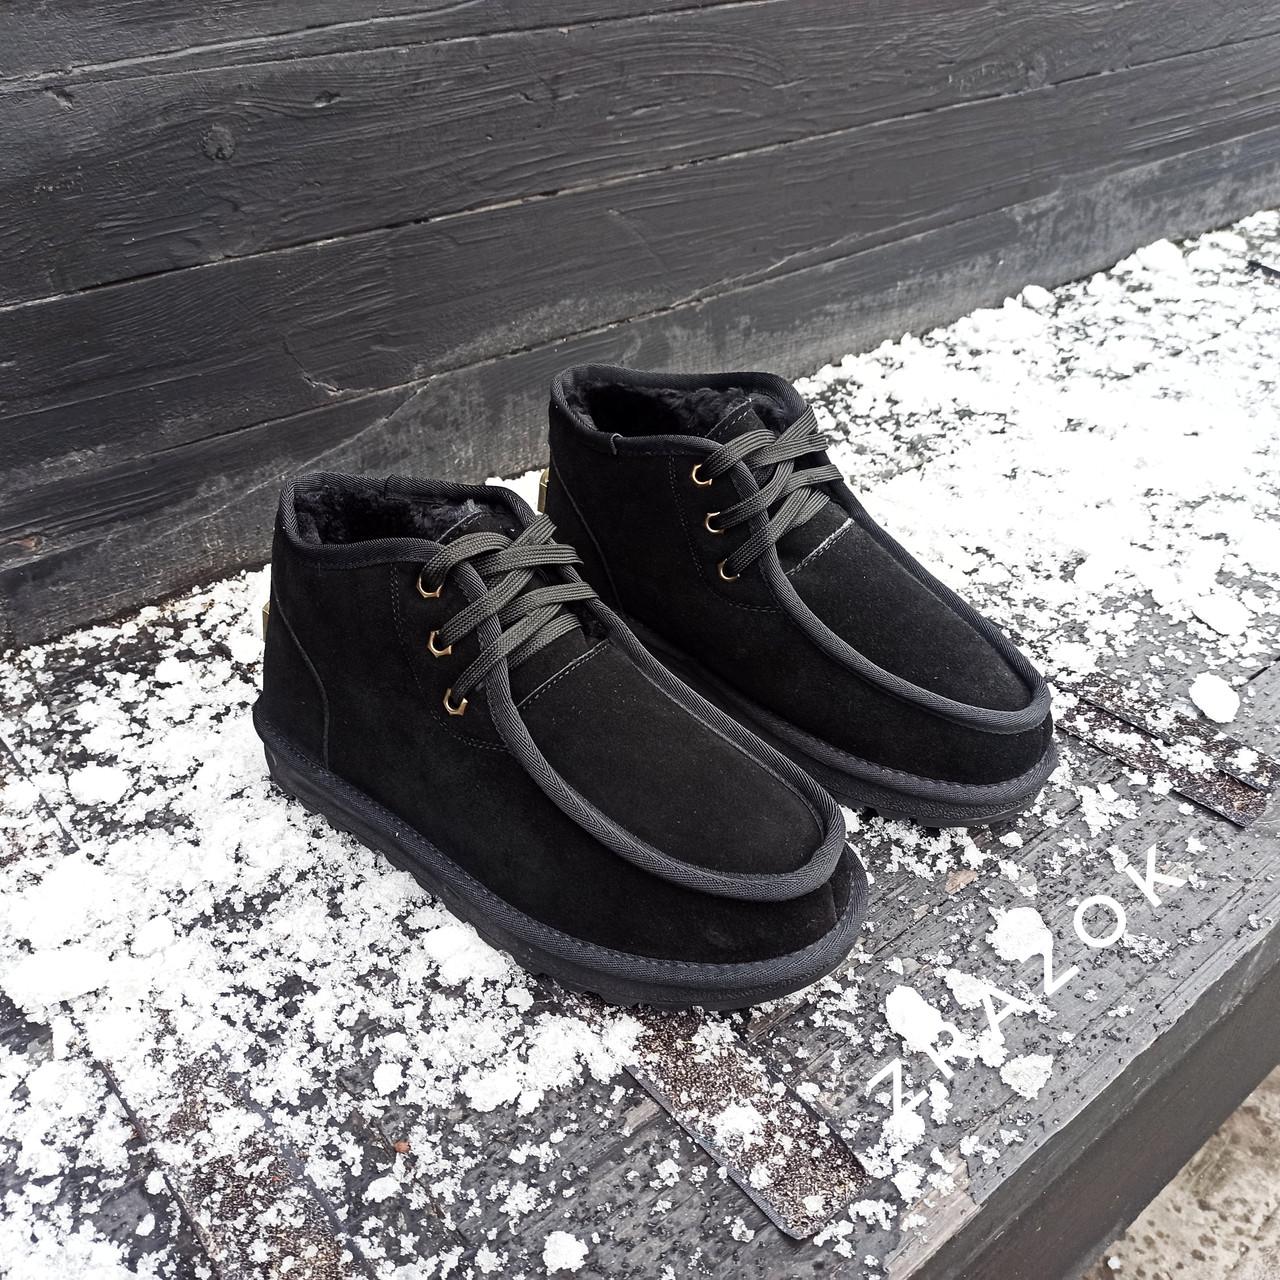 Уггі UGG черевики чоловічі мокасини зимові теплі на хутрі замша натуральна